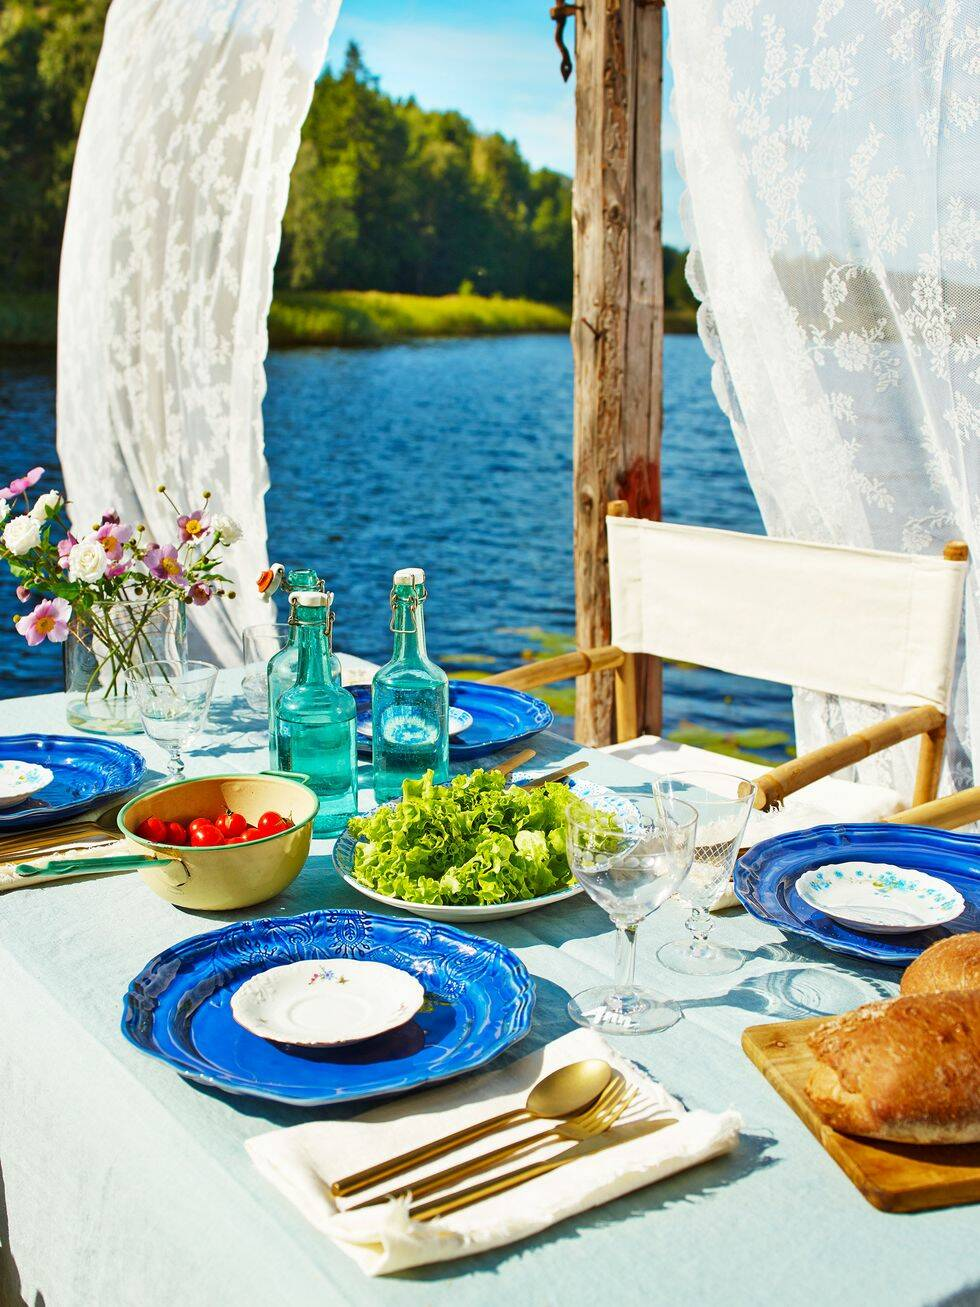 Inspiration till sommarfesten – duka fint på bryggan